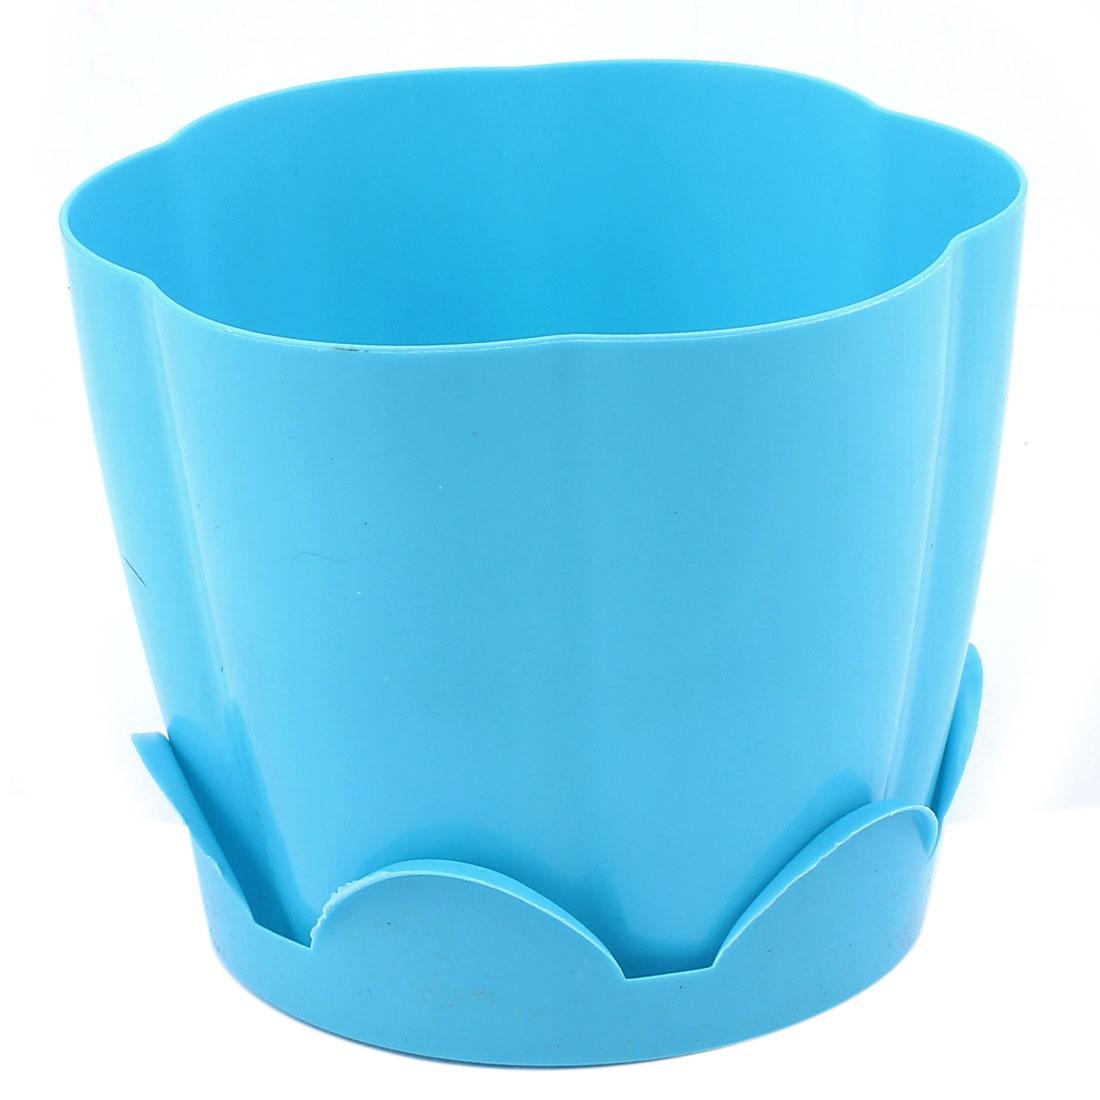 Blue Petal Shape Resin Plant Flower Pot Planter Flowerpot Decor 13 x 10.5cm